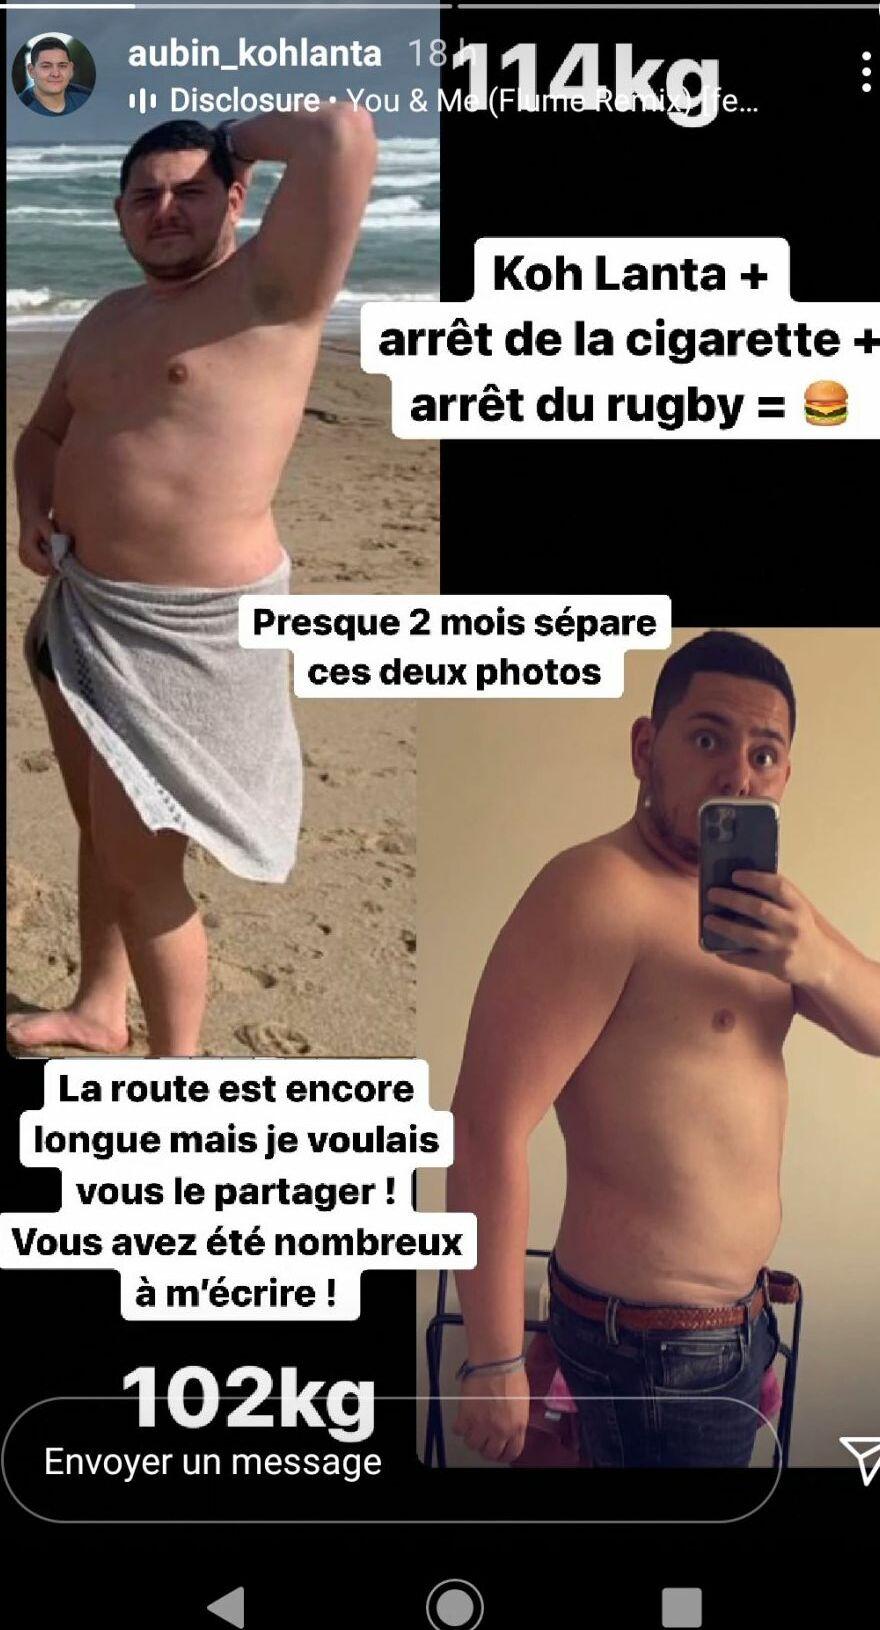 Aubin (Koh-Lanta) a perdu plus de 10 kilos : Découvrez son impressionnant Avant/Après